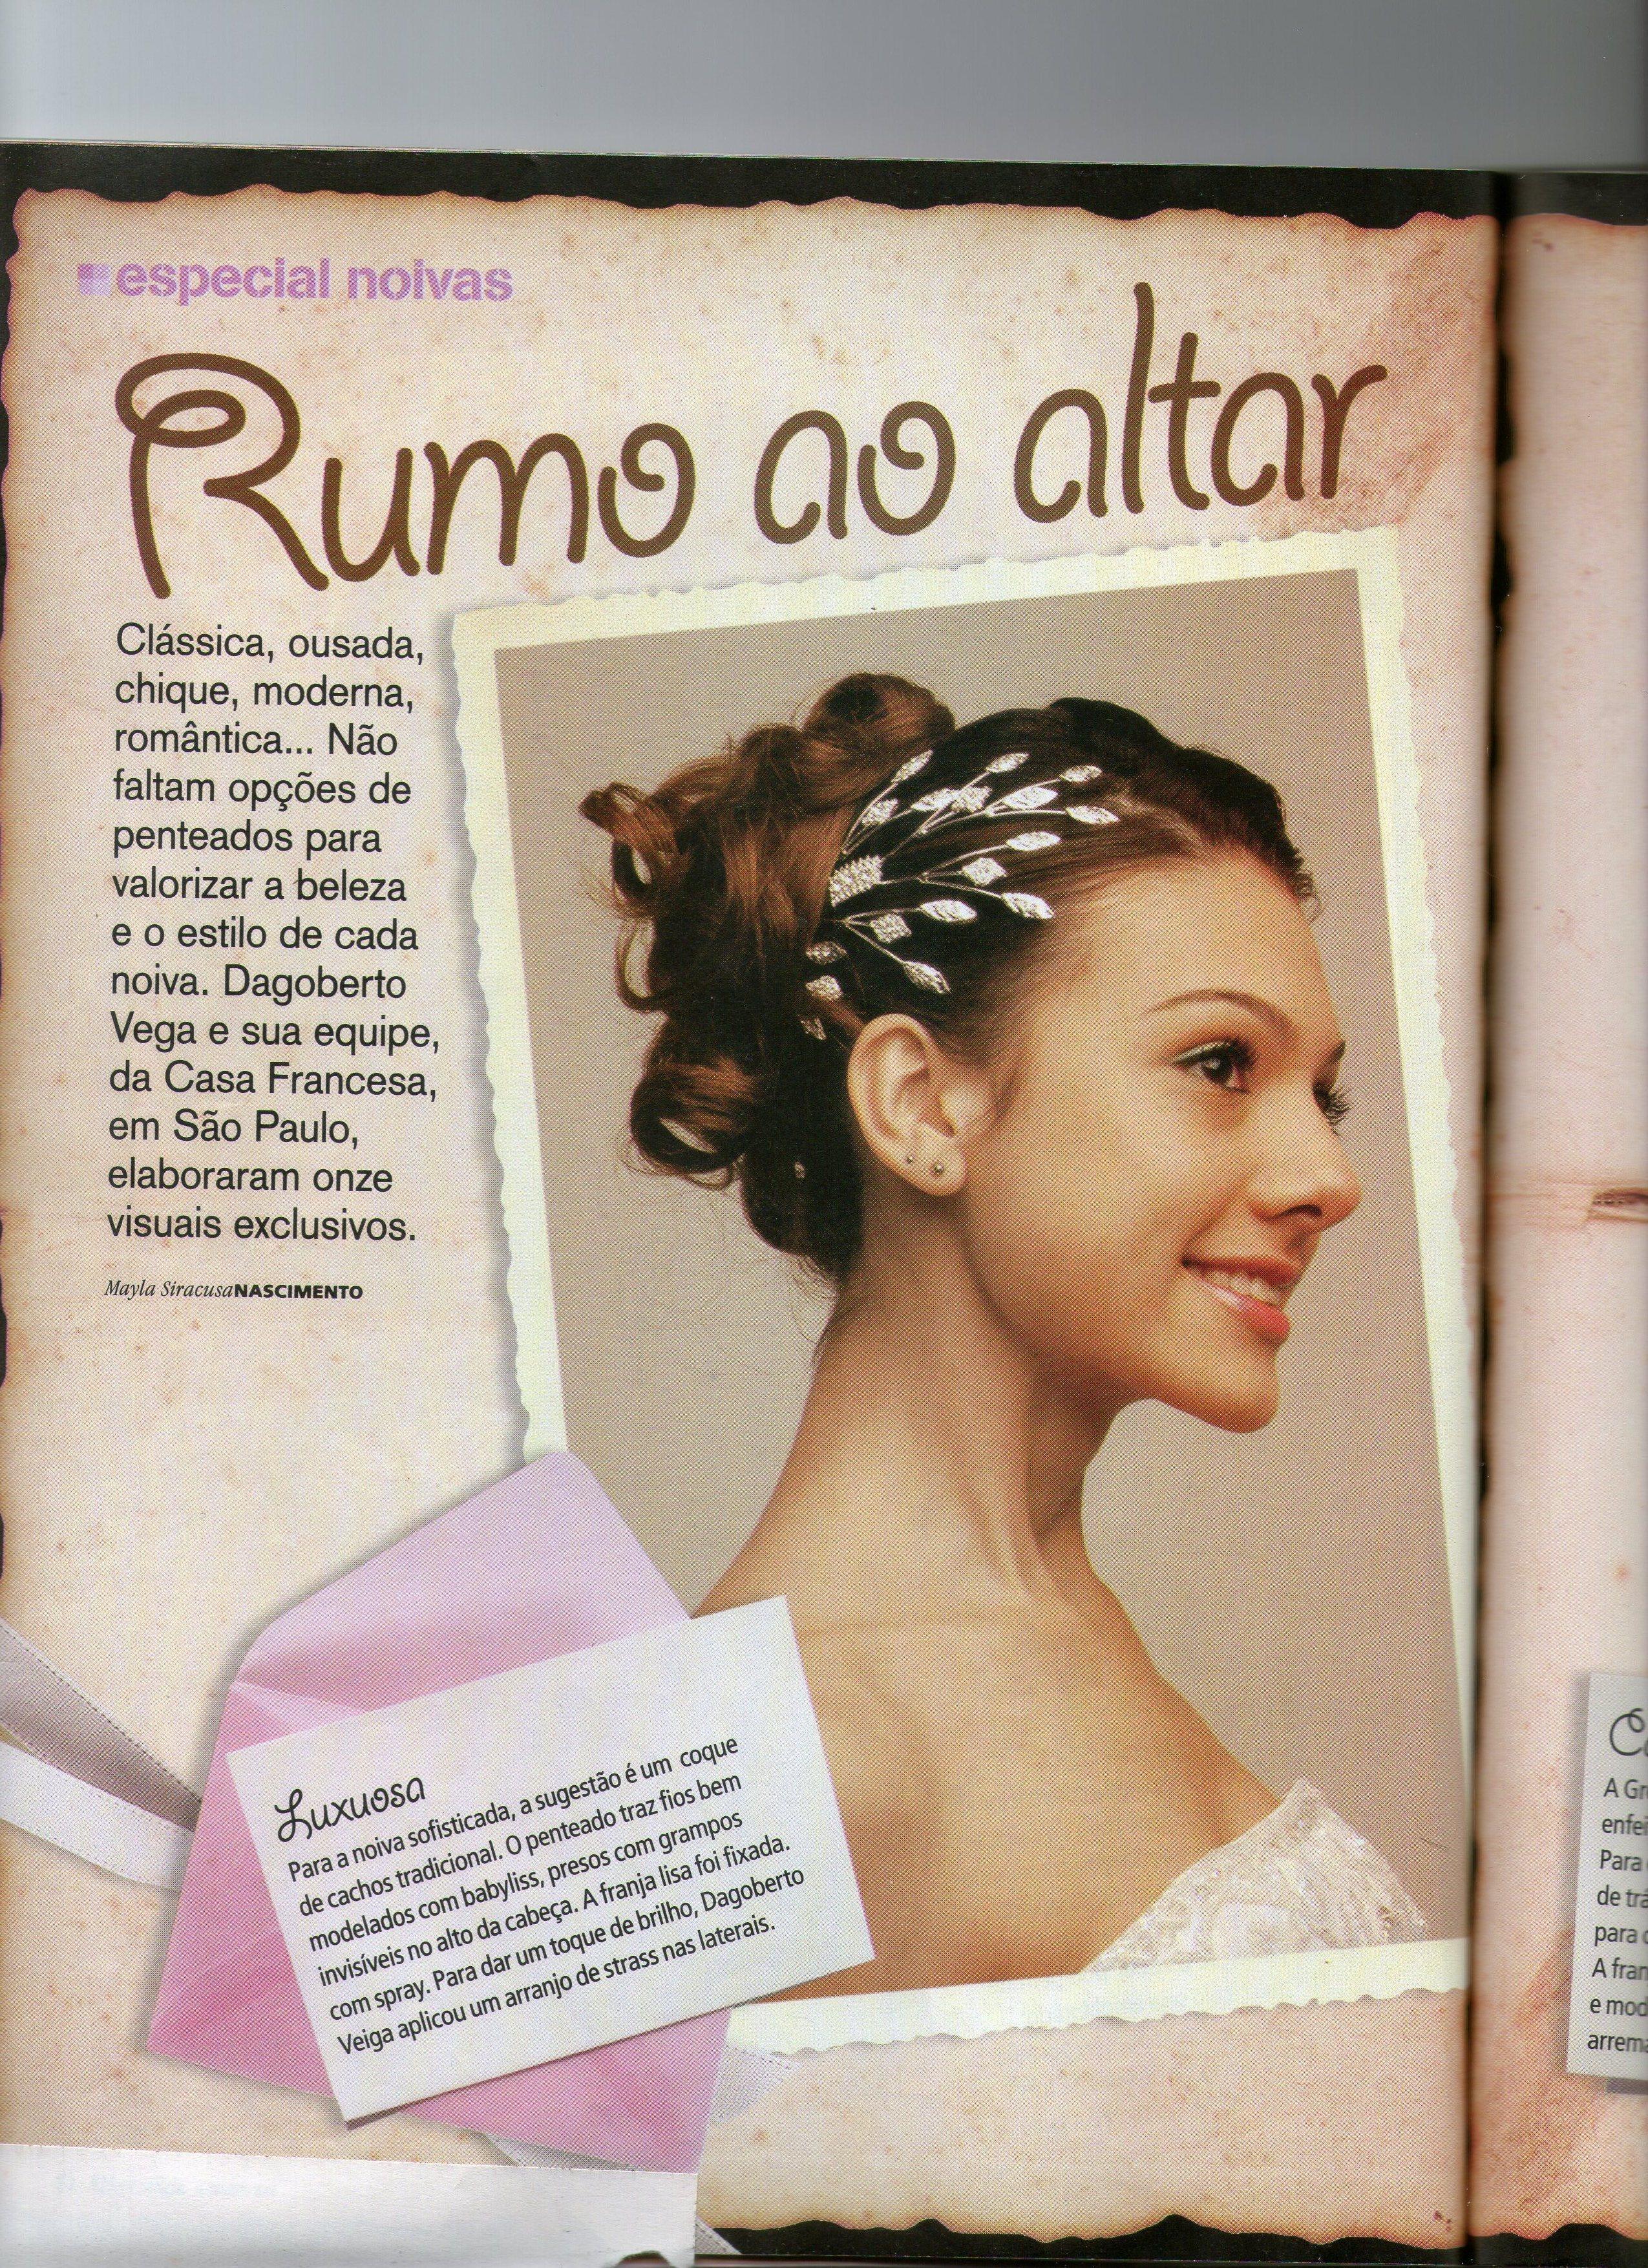 cabeleireiro(a) docente / professor(a) maquiador(a) stylist /visagista